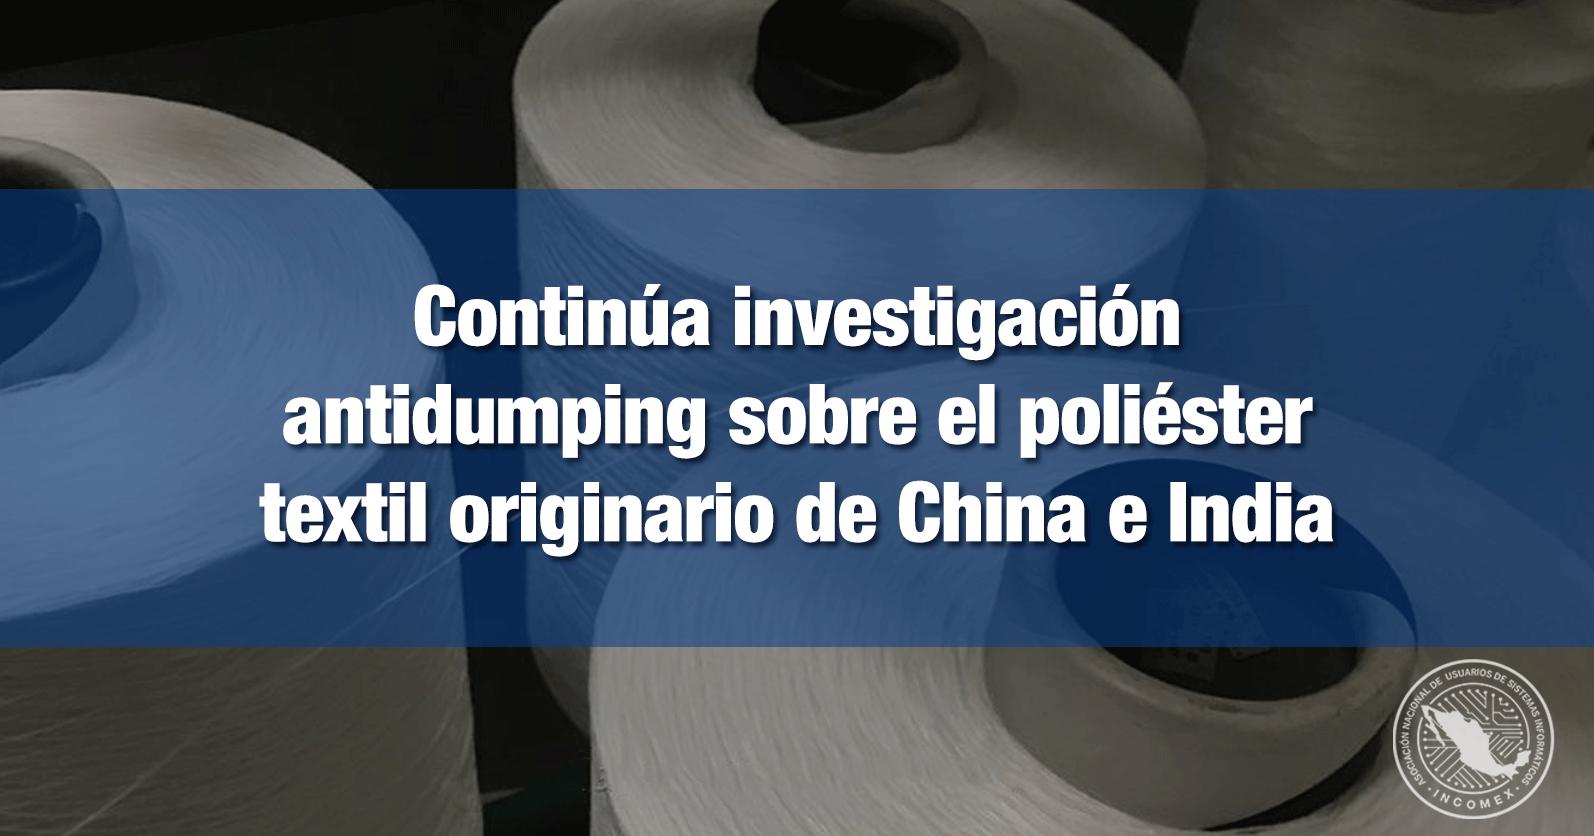 Continúa investigación antidumping sobre el poliéster textil originario de China e India